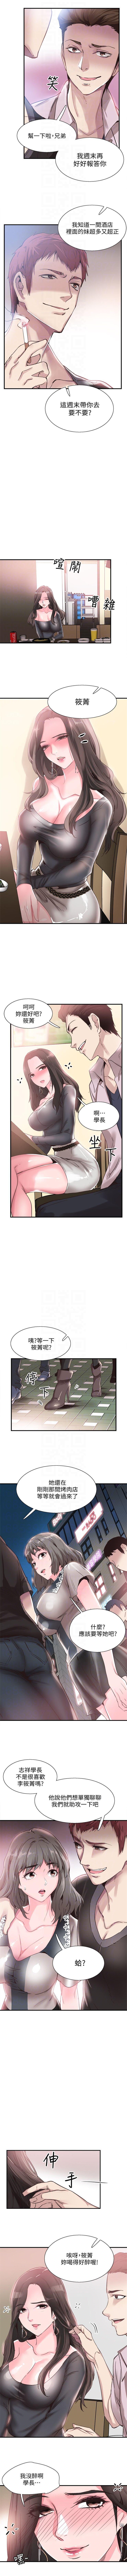 校园live秀 1-20 中文翻译(更新中) 138